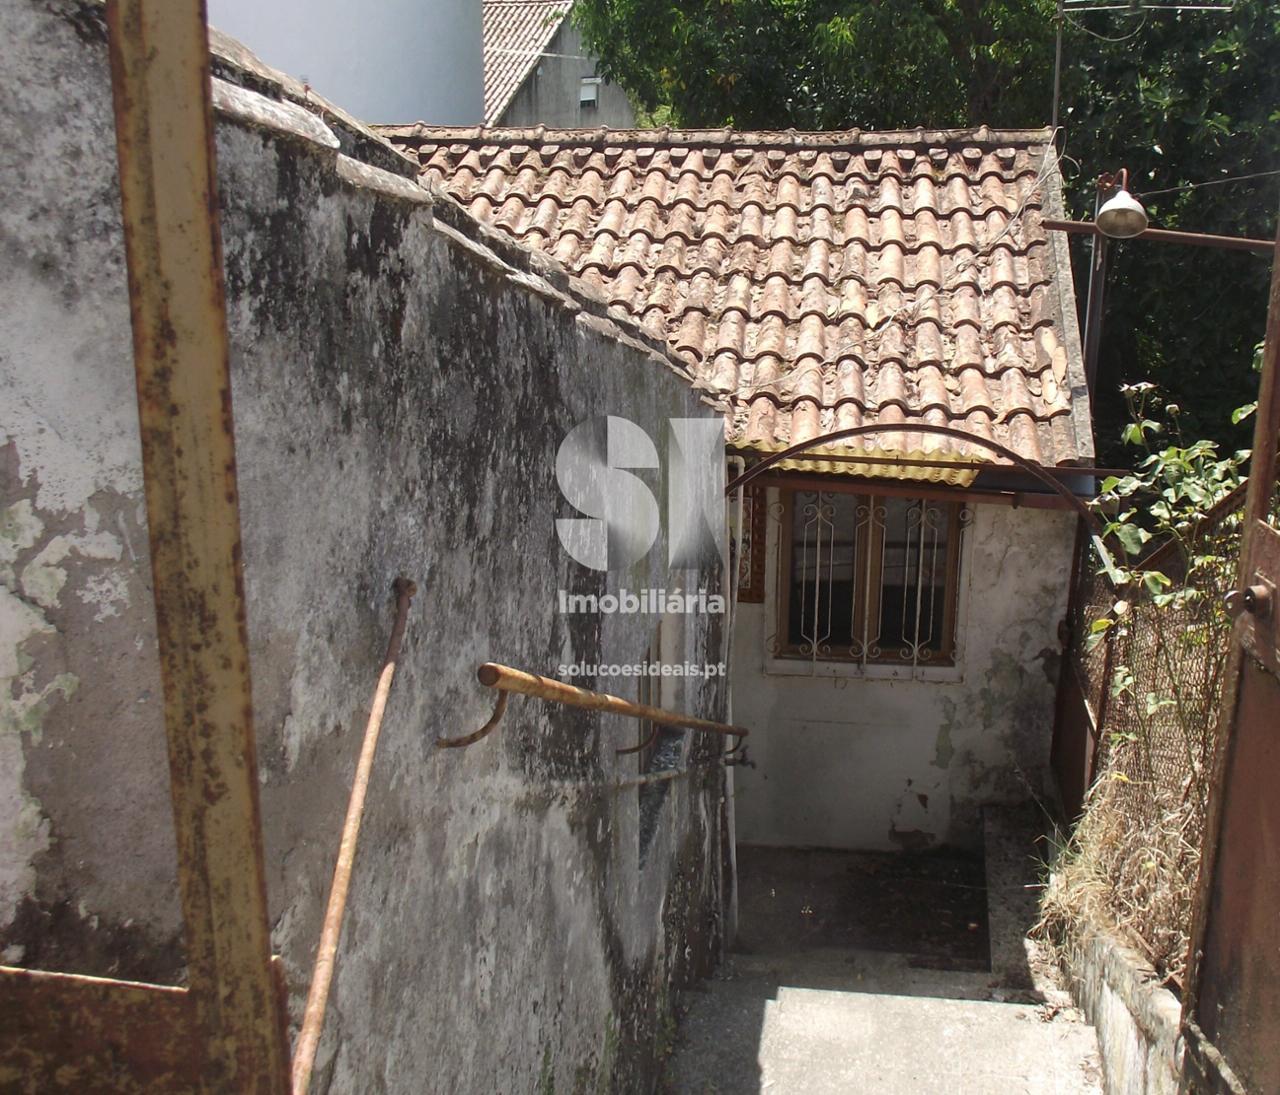 moradia para restaurar t12 para compra em lousa uniao das freguesias de lousa e vilarinho LSAAC253